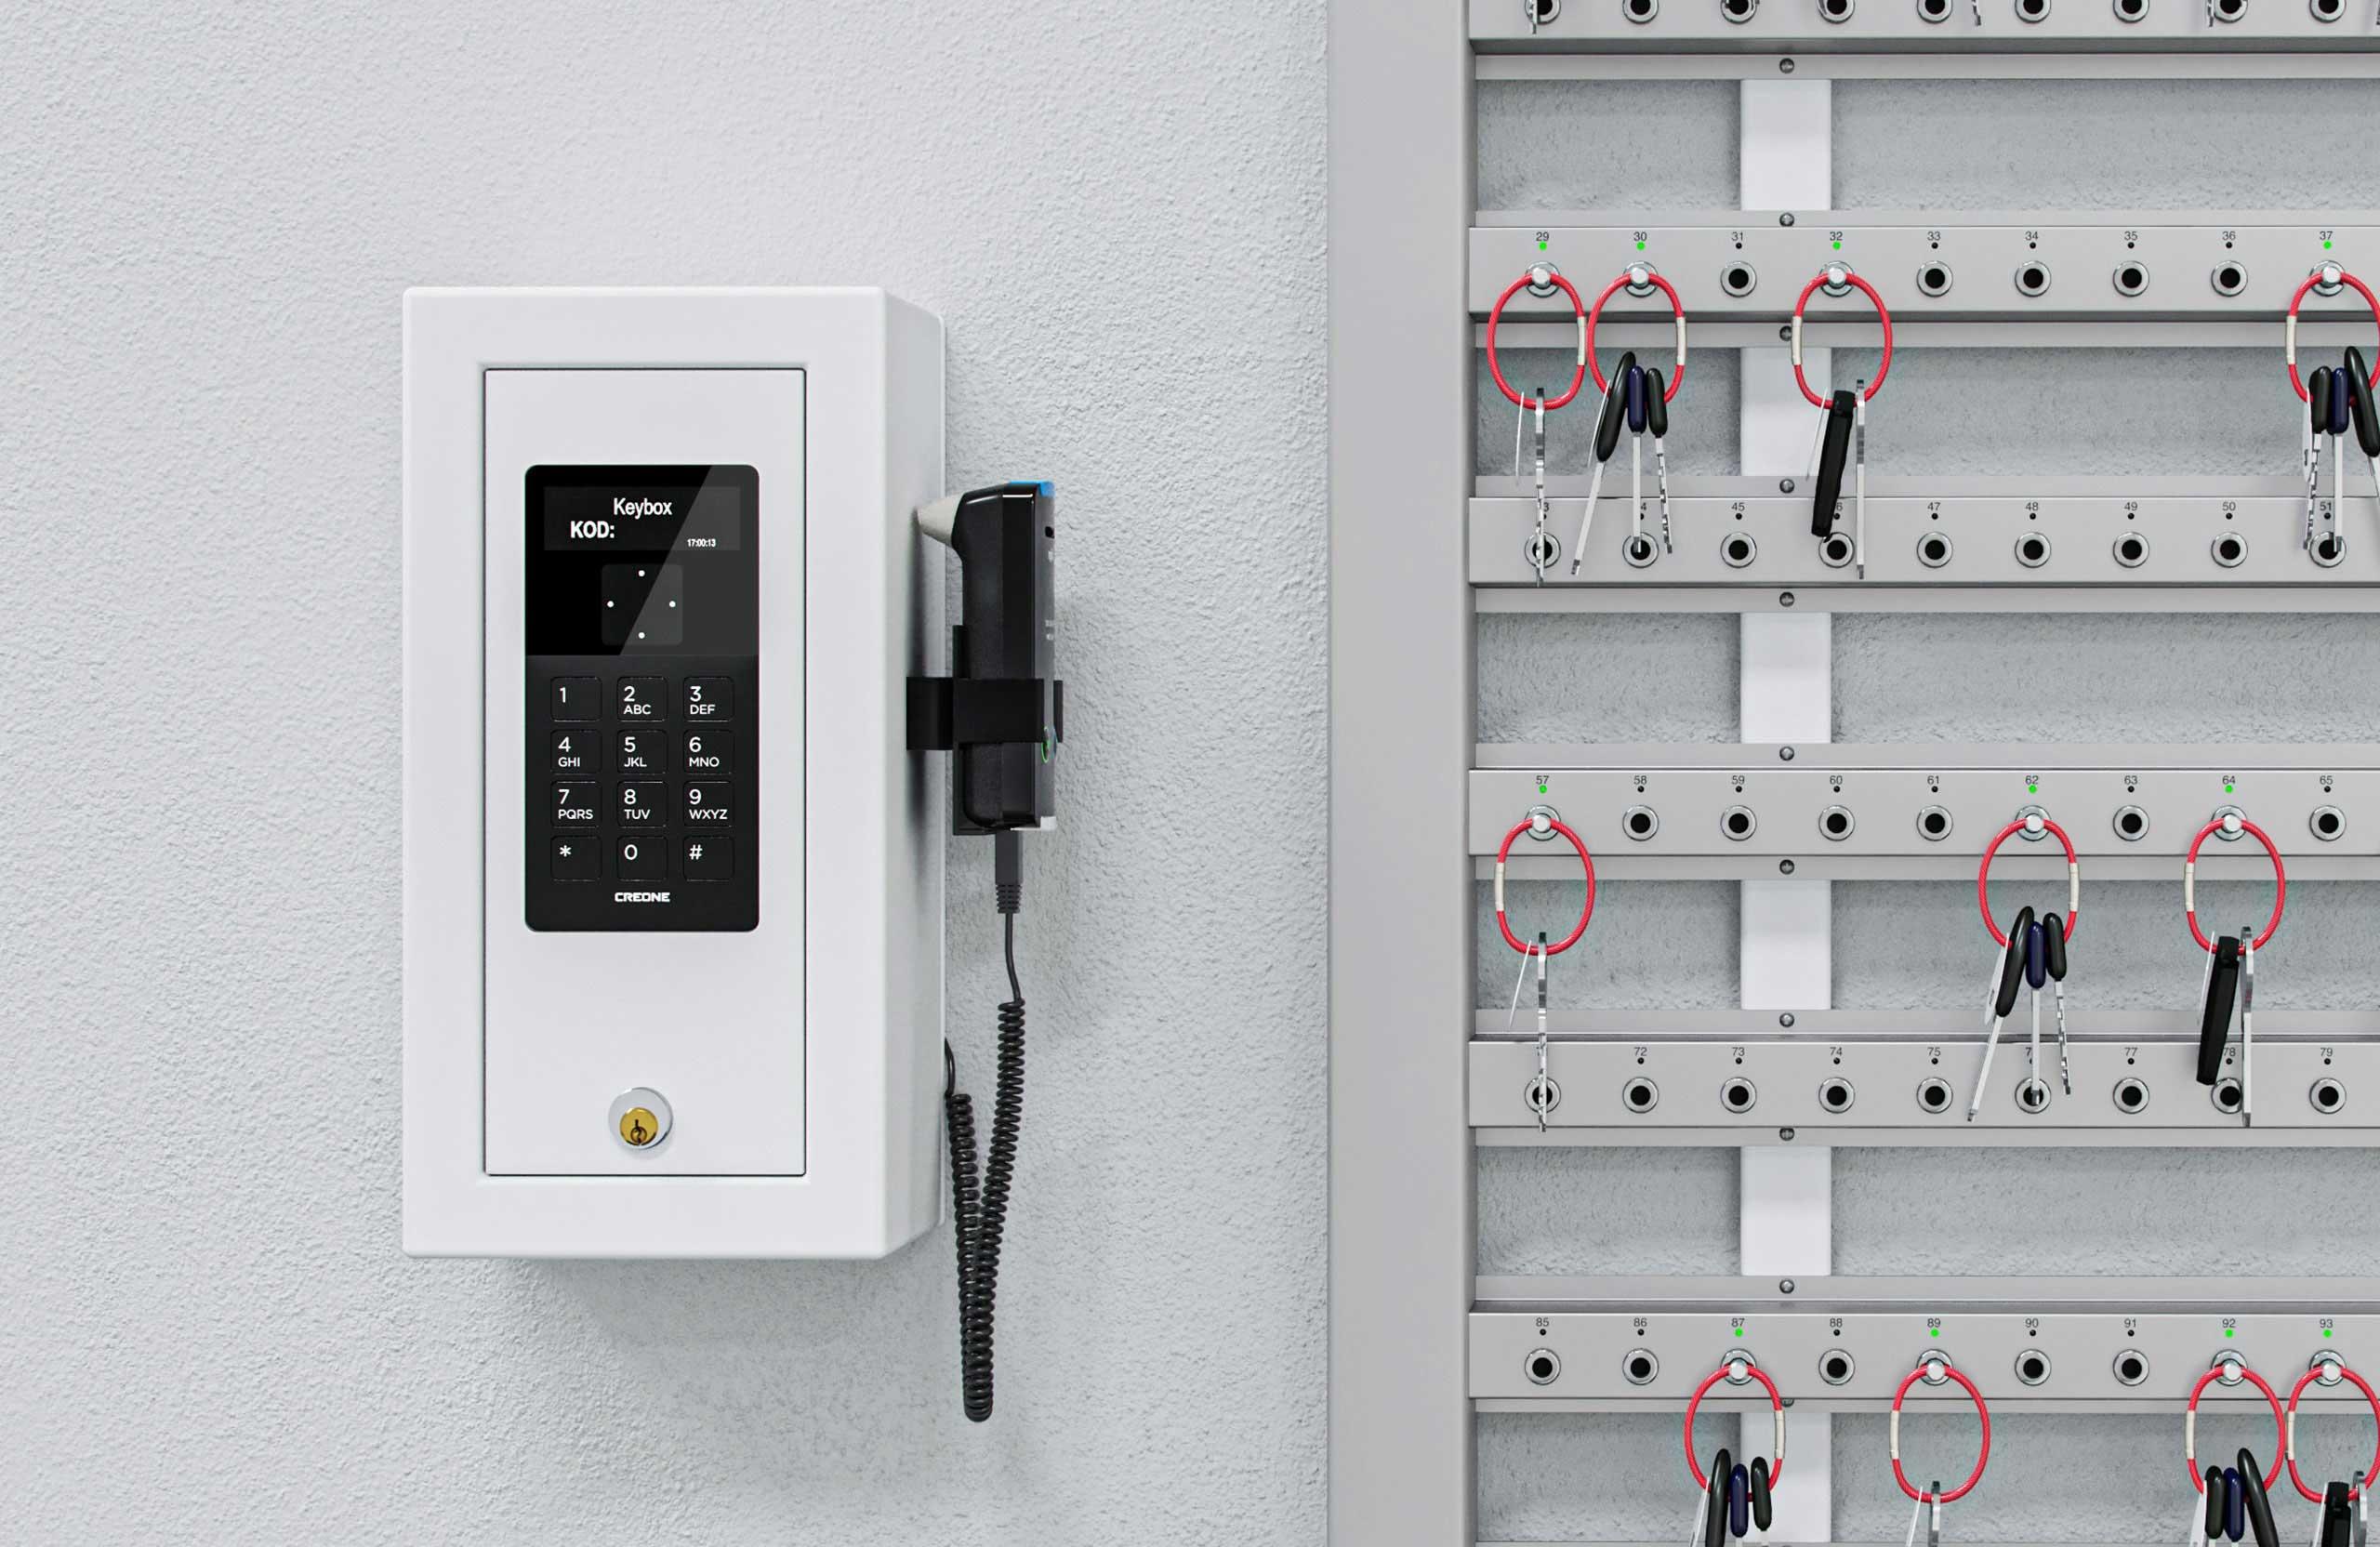 Intelligente sleutellijsten met een control box en wandmontage voor een unieke sleutelmanagementoplossing.